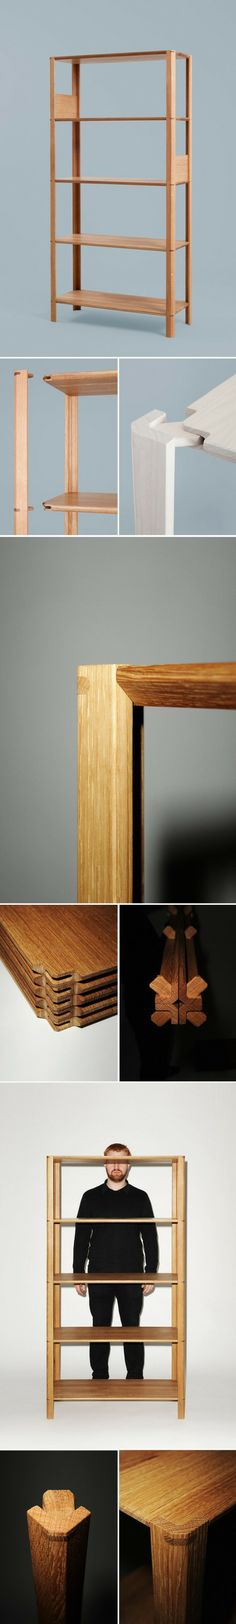 卡塞尔大学家具专业教师Steffen Kehrle最近设计了一款完全使用榫卯结构,还可以自由组装拆卸的置物架,名为Plug Shelf。